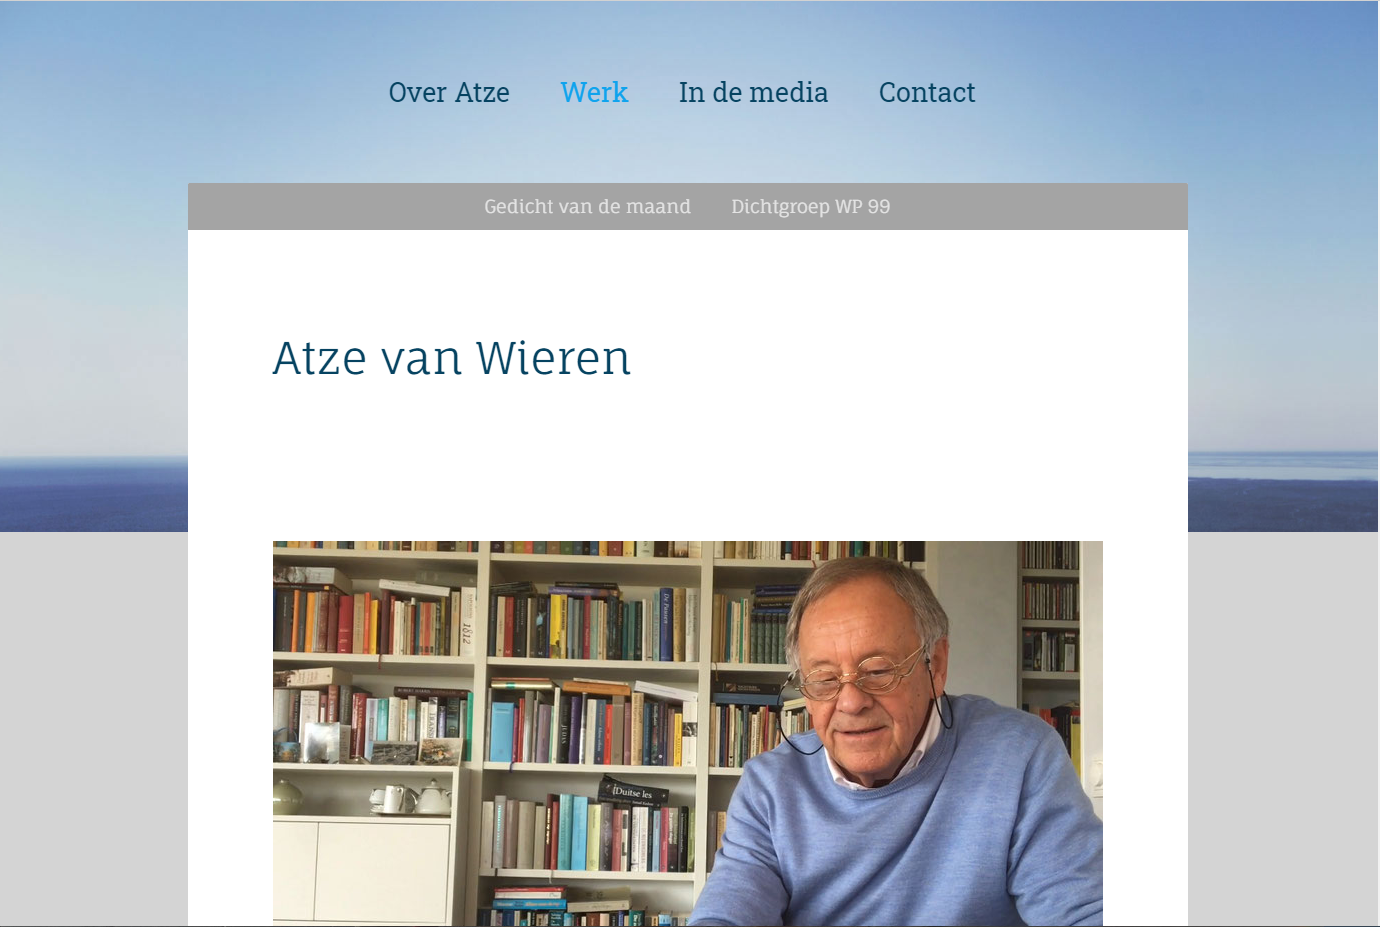 Atze van Wieren